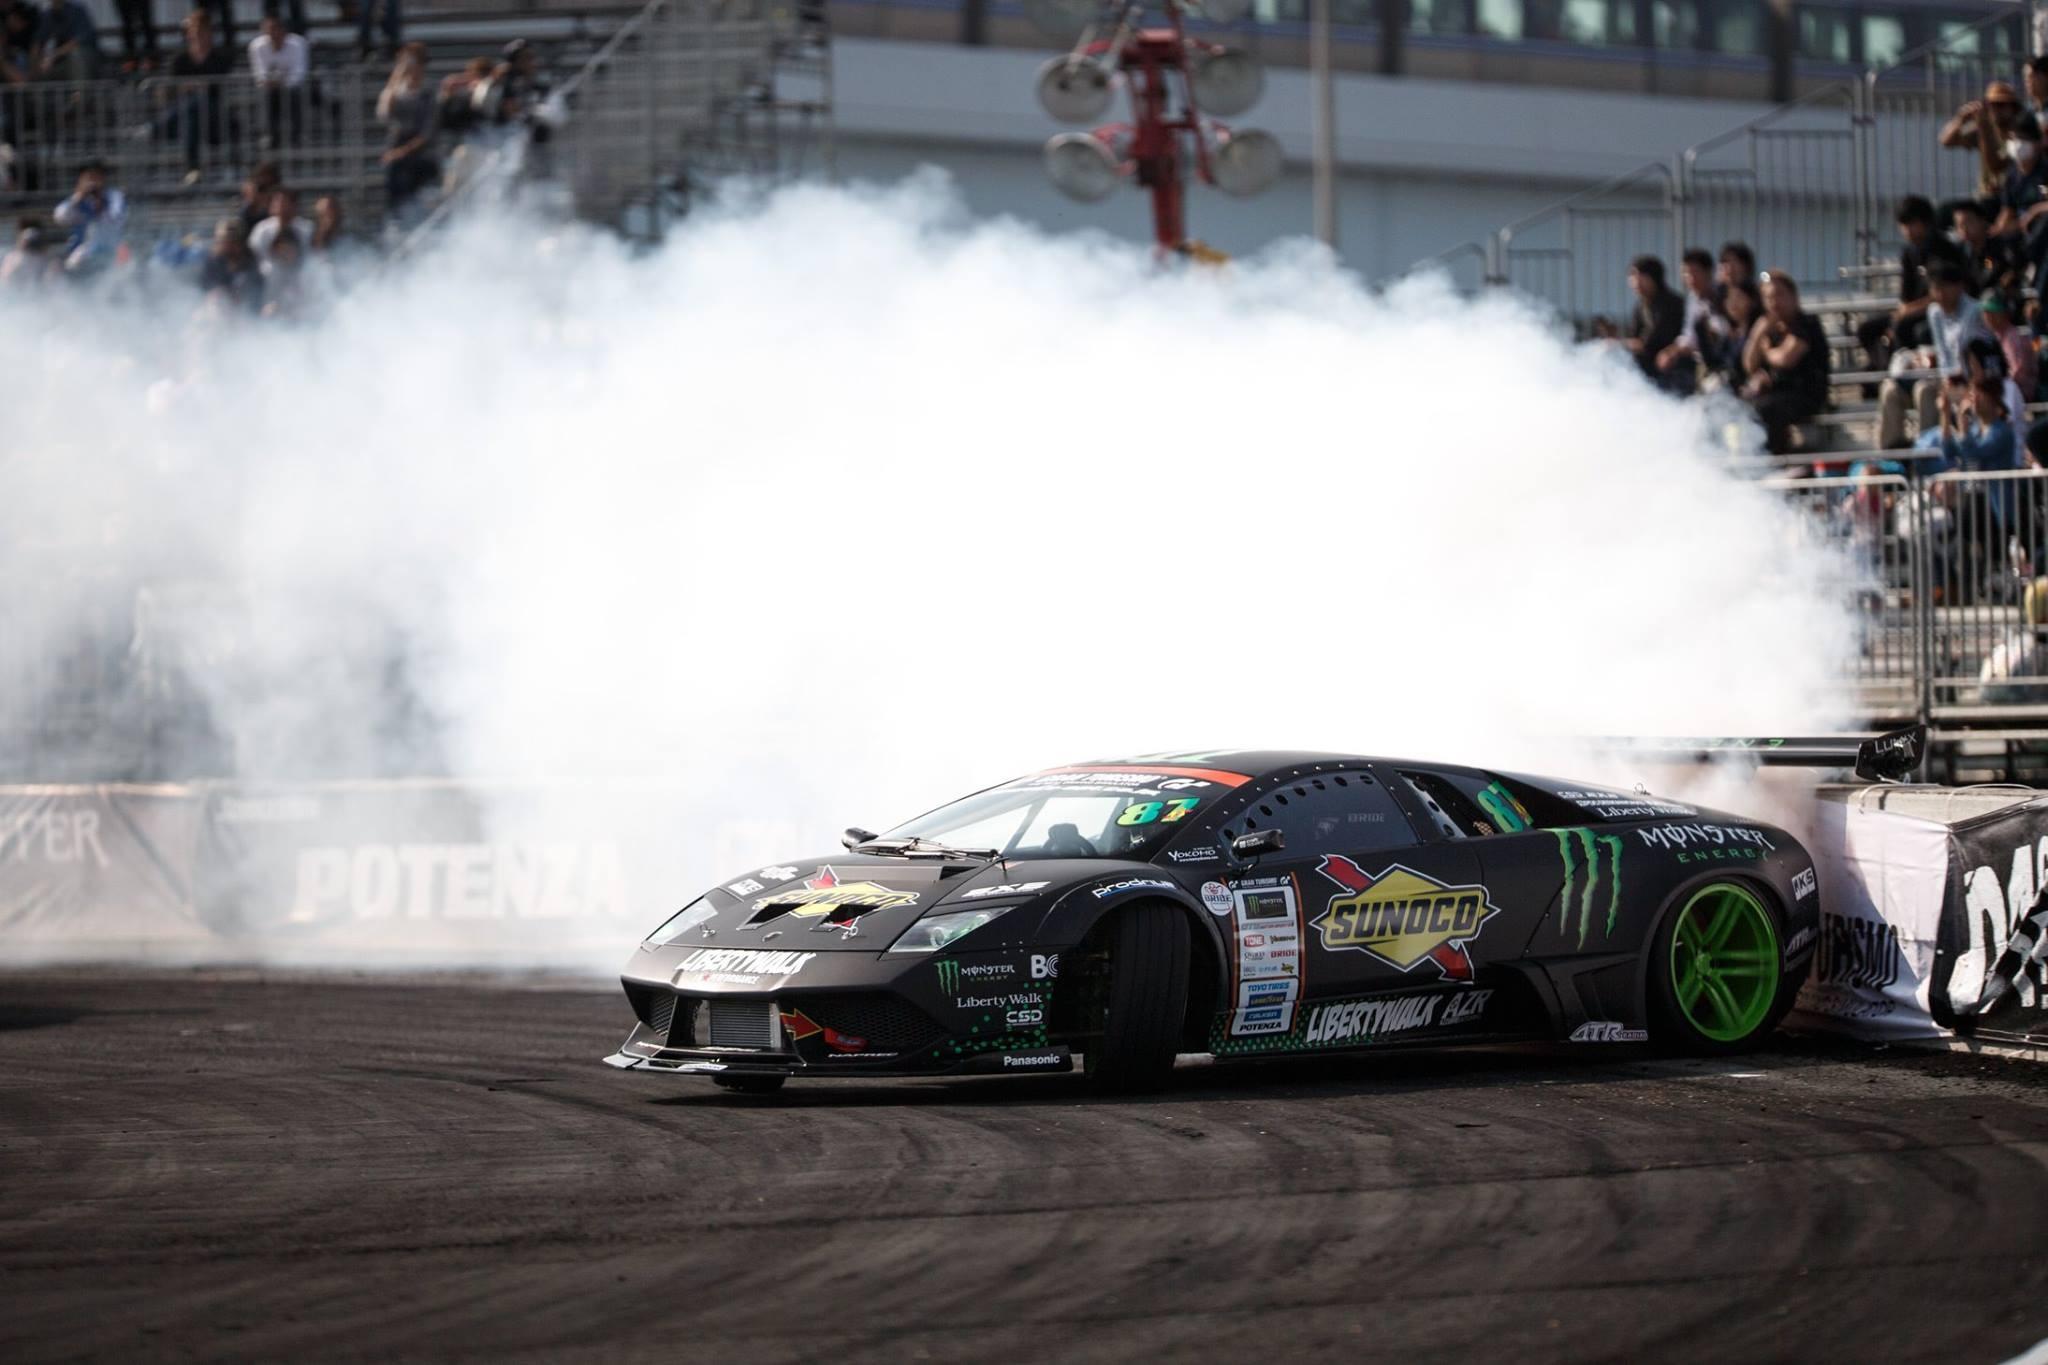 General 2048x1365 Lamborghini Lamborghini Murcielago drift Drifting Monster Energy smoke sports car race cars supercars car black cars black paint audience